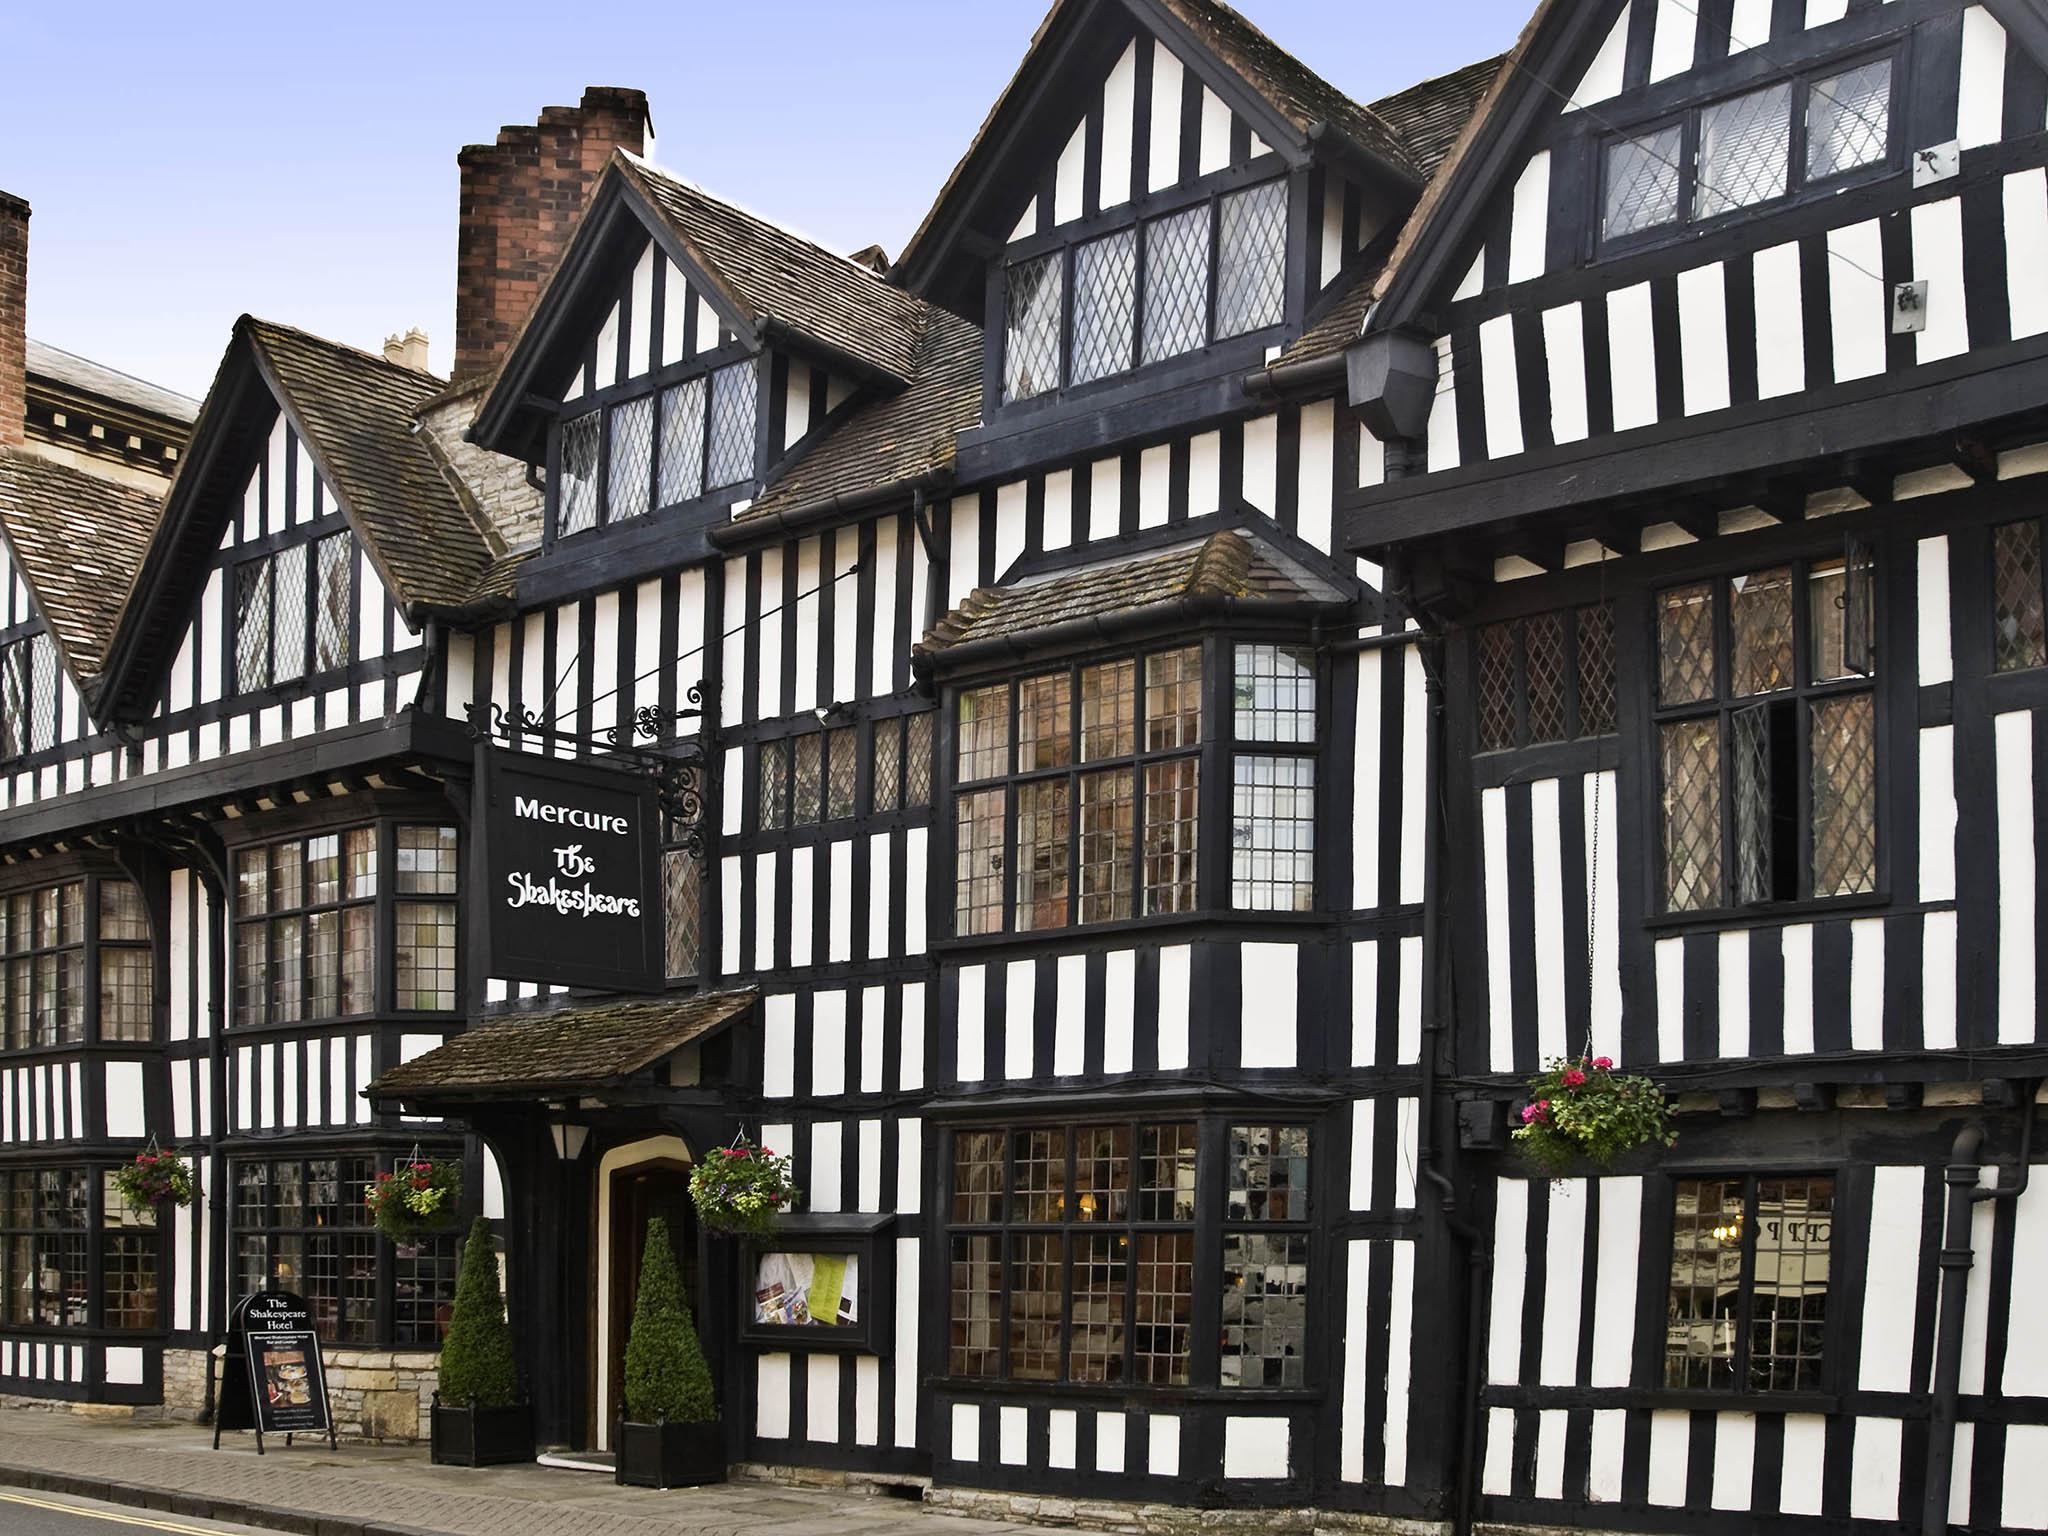 โรงแรม – Mercure Stratford upon Avon Shakespeare Hotel